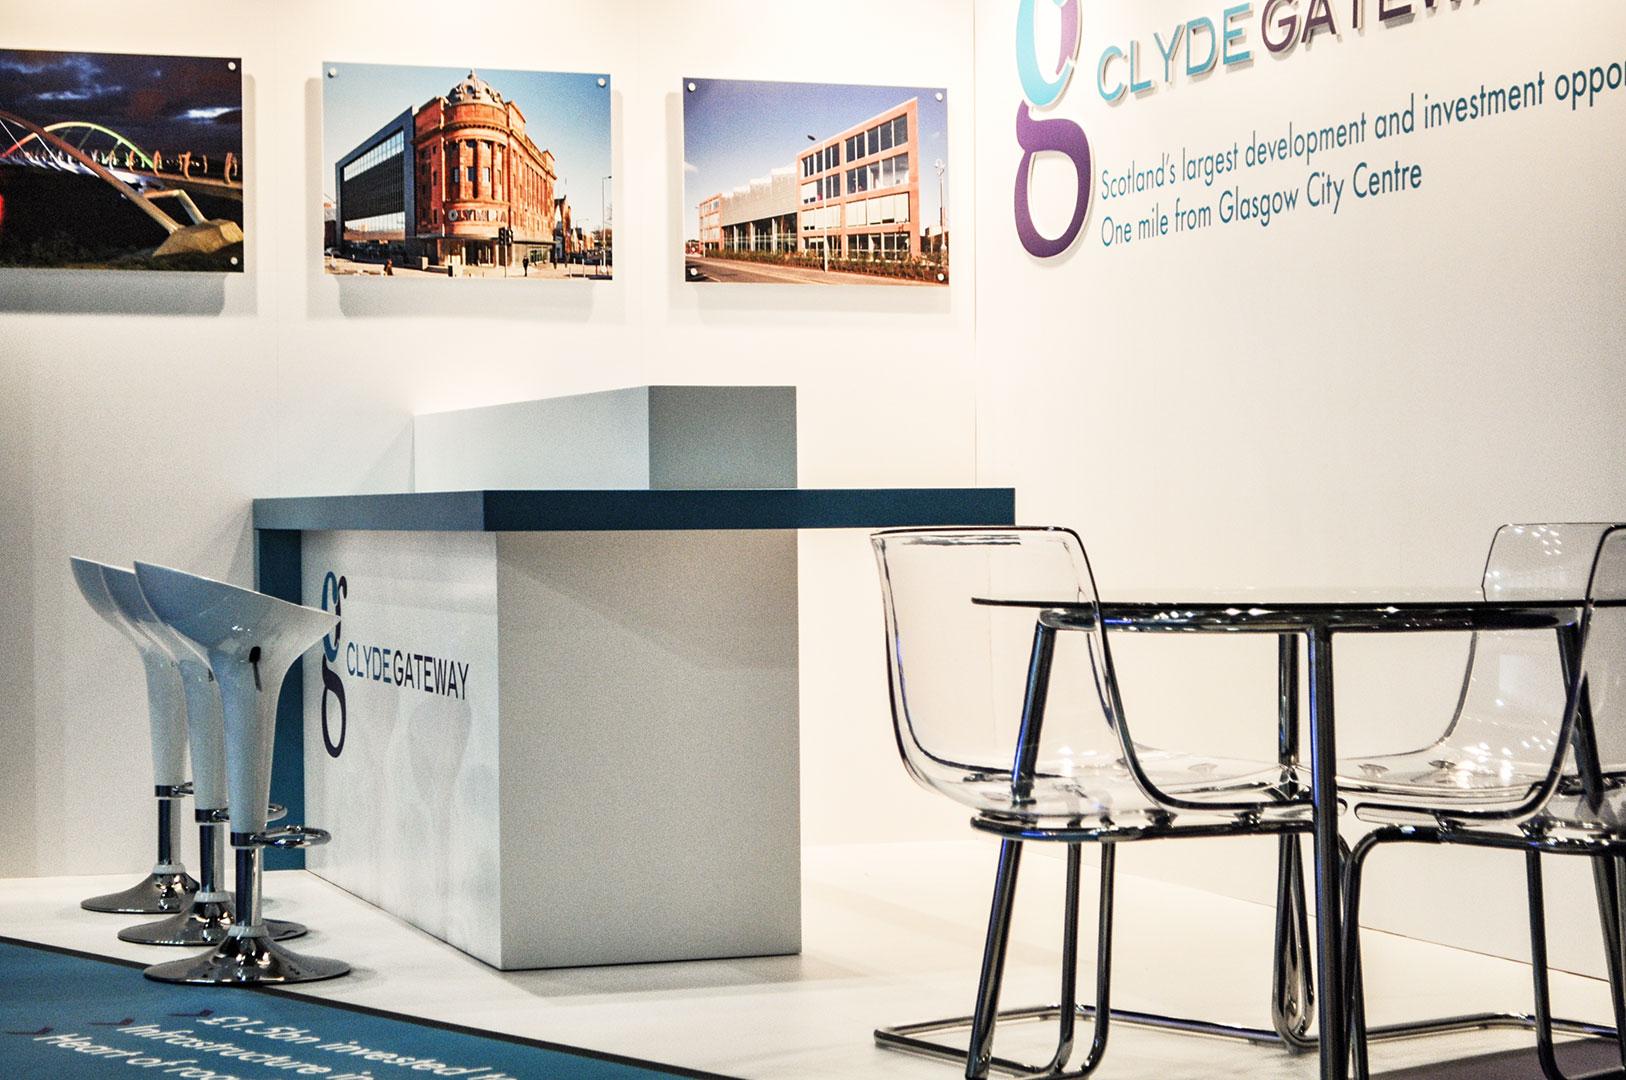 Exhibition Stand Hire Glasgow : Exhibition stand u2013 evm